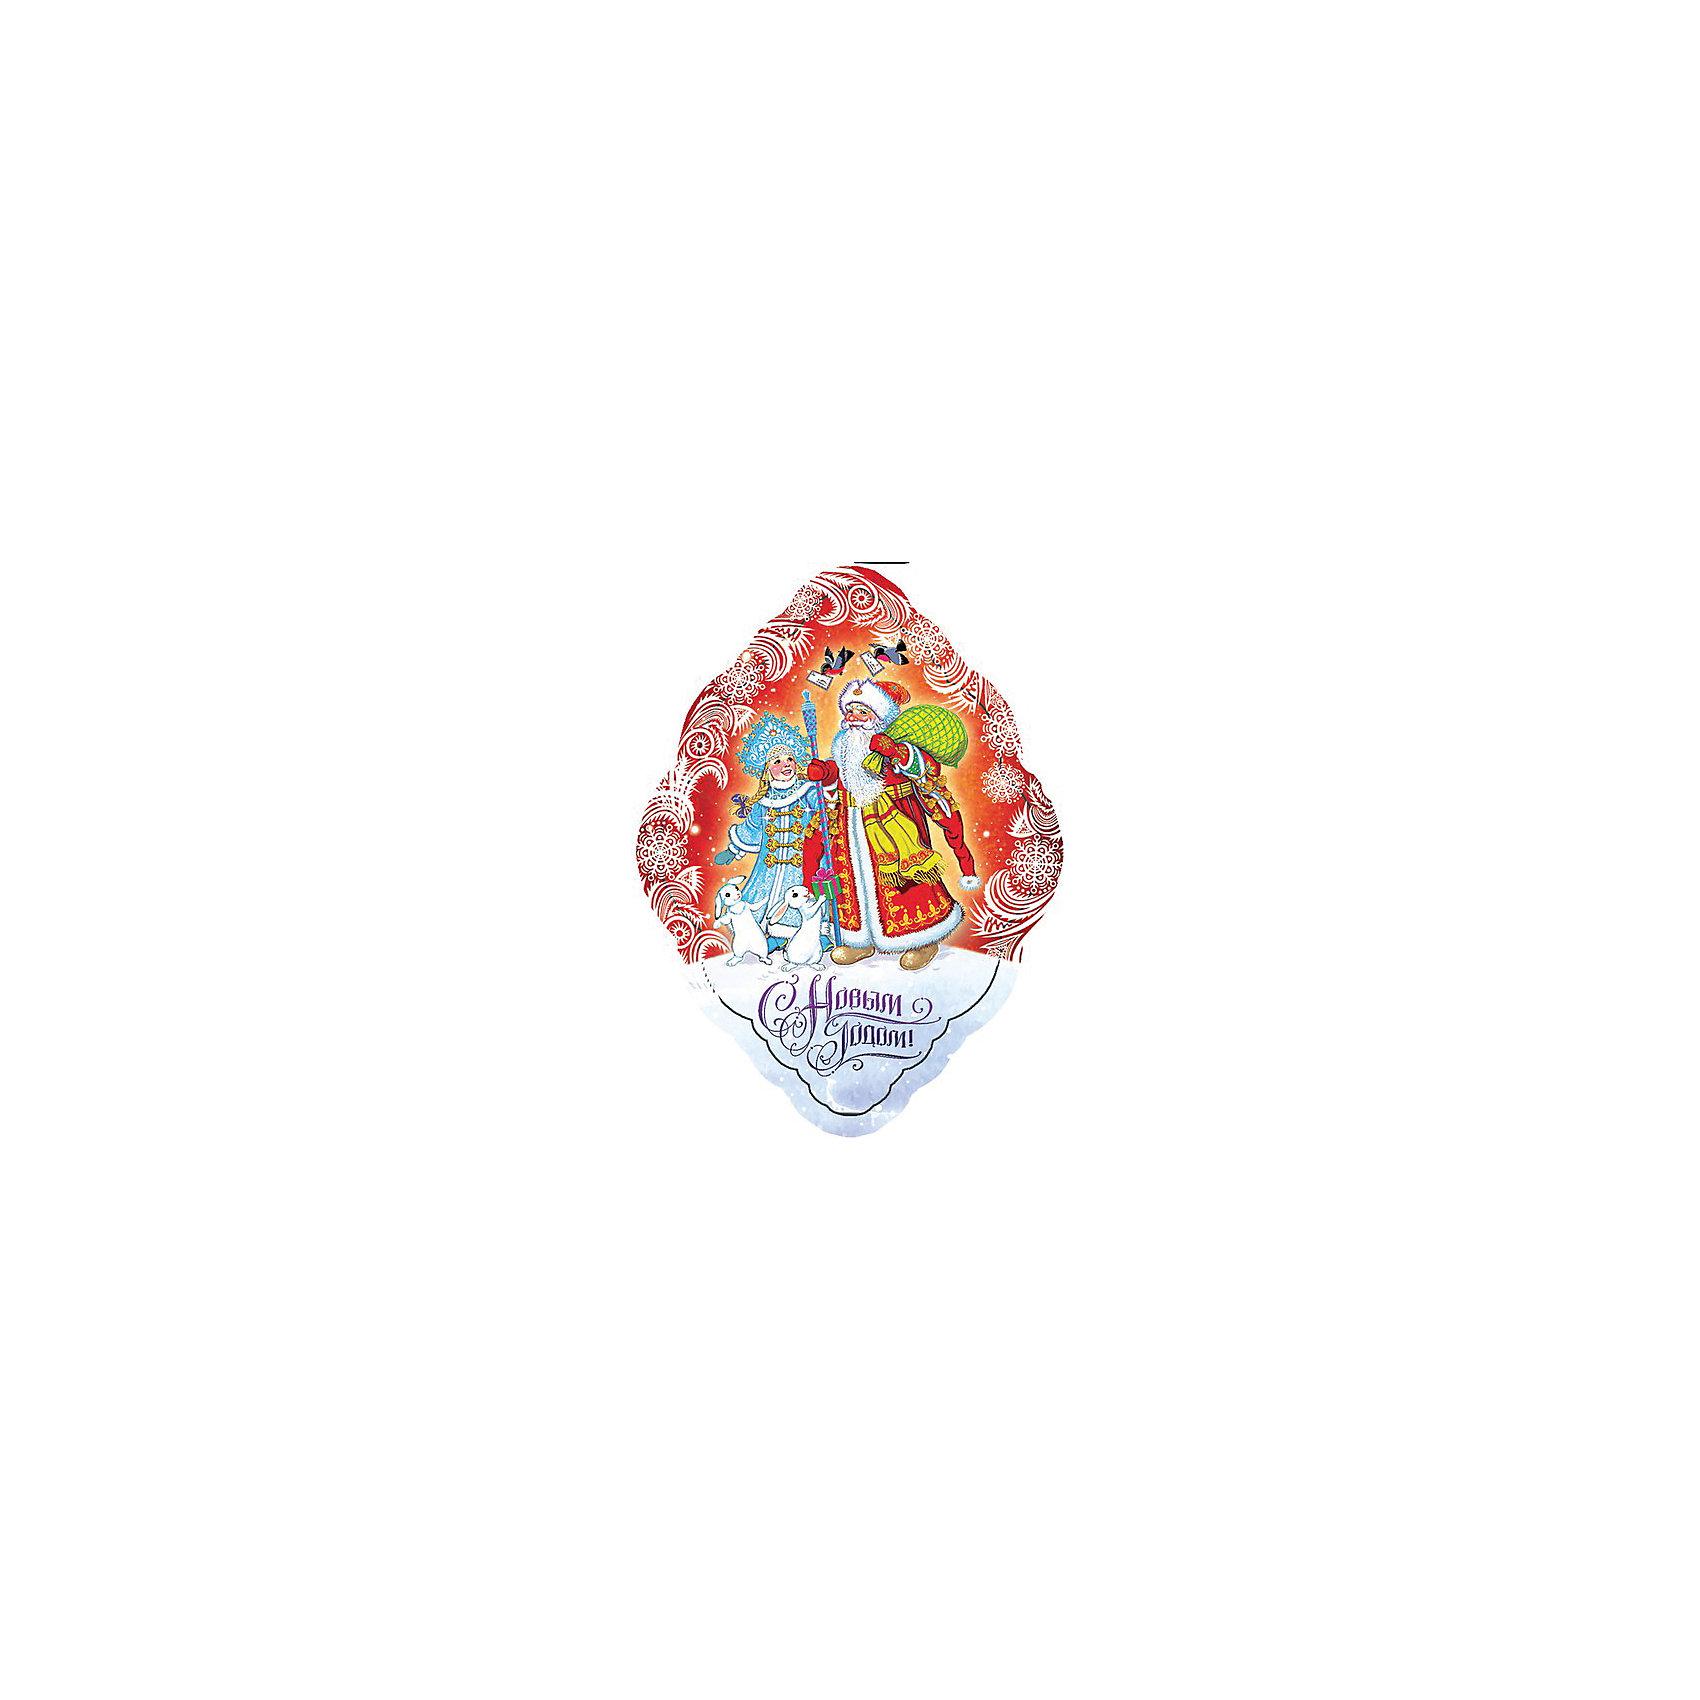 Магнит Дед Мороз, Снегурочка и зайчикиВсё для праздника<br>Яркий магнит с новогодней символикой - прекрасный вариант для праздничного сувенира. Магнит можно прикрепить на любую металлическую поверхность, он всегда будет радовать, напоминая о веселом и таком долгожданном для всех празднике! <br><br>Дополнительная информация:<br><br>- Материал: агломерированный феррит. <br>- Размер: 5,1х7 см.<br>- Яркий привлекательный дизайн. <br><br>Новогодний магнит Дед Мороз, Снегурочка и зайчики можно купить в нашем магазине.<br><br>Ширина мм: 100<br>Глубина мм: 100<br>Высота мм: 10<br>Вес г: 260<br>Возраст от месяцев: 36<br>Возраст до месяцев: 2147483647<br>Пол: Унисекс<br>Возраст: Детский<br>SKU: 4981315